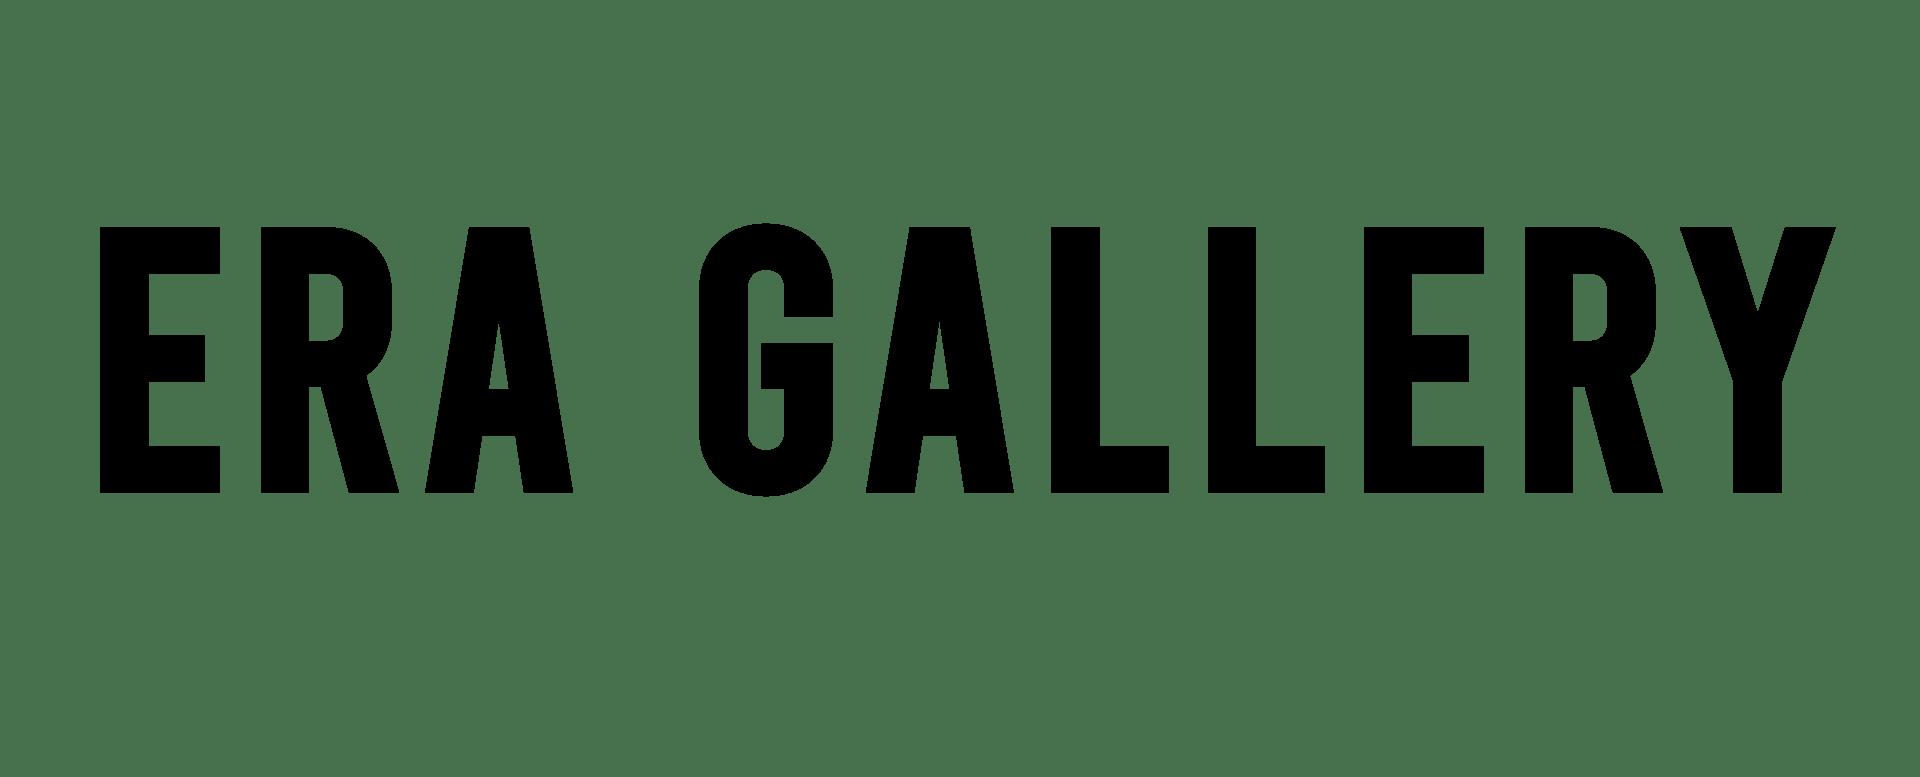 ERA Gallery company logo